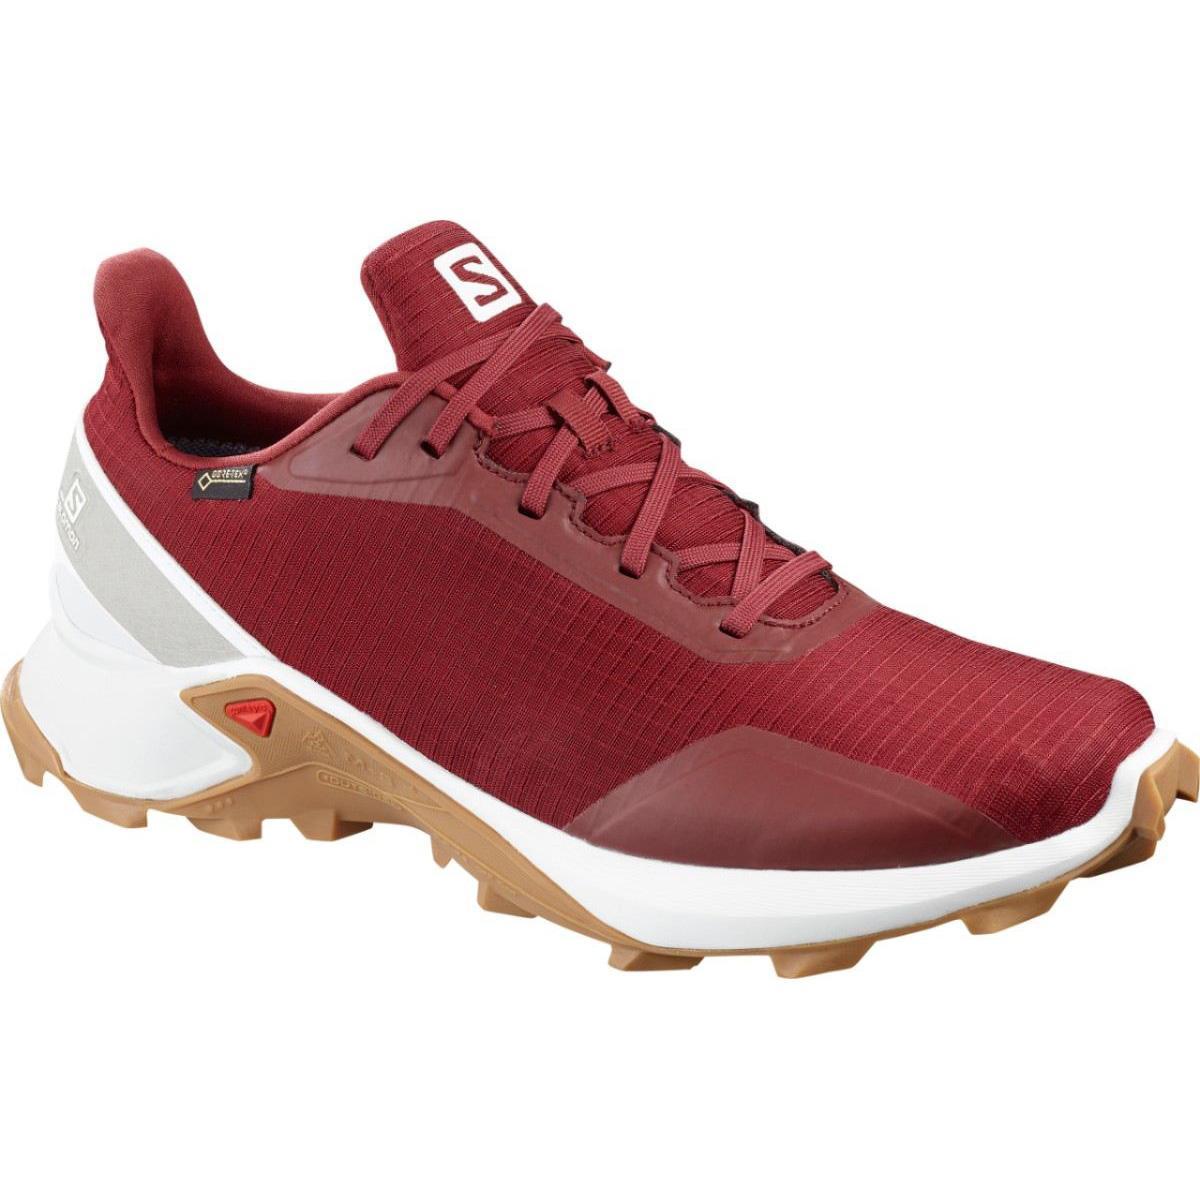 Pantofi alergare Salomon ALPHACROSS GTX – Rosu de la proalpin.ro